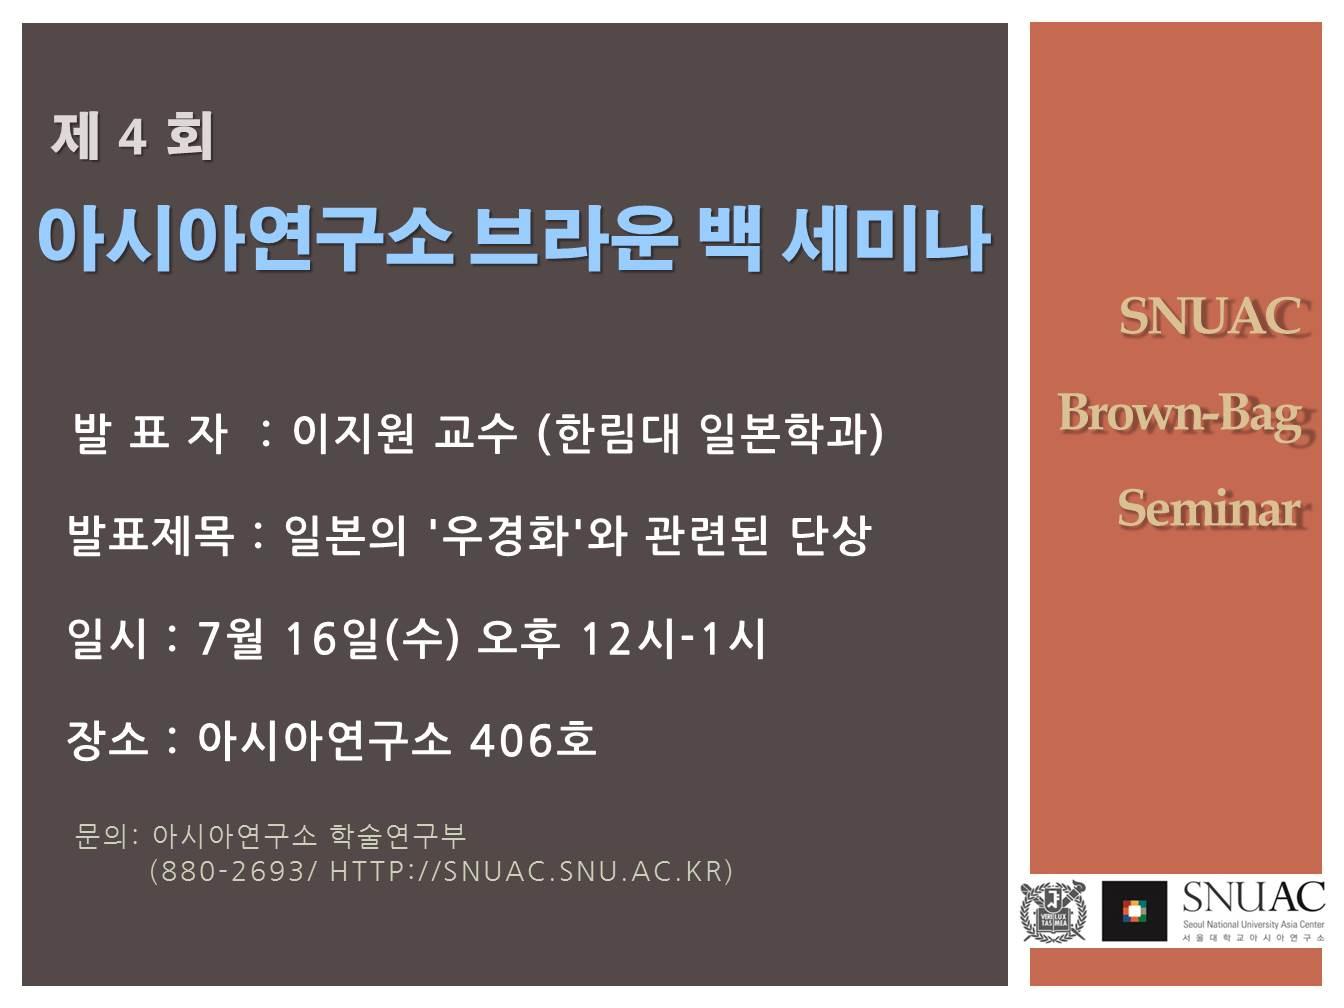 제 4 회 아시아연구소 브라운 백 세미나